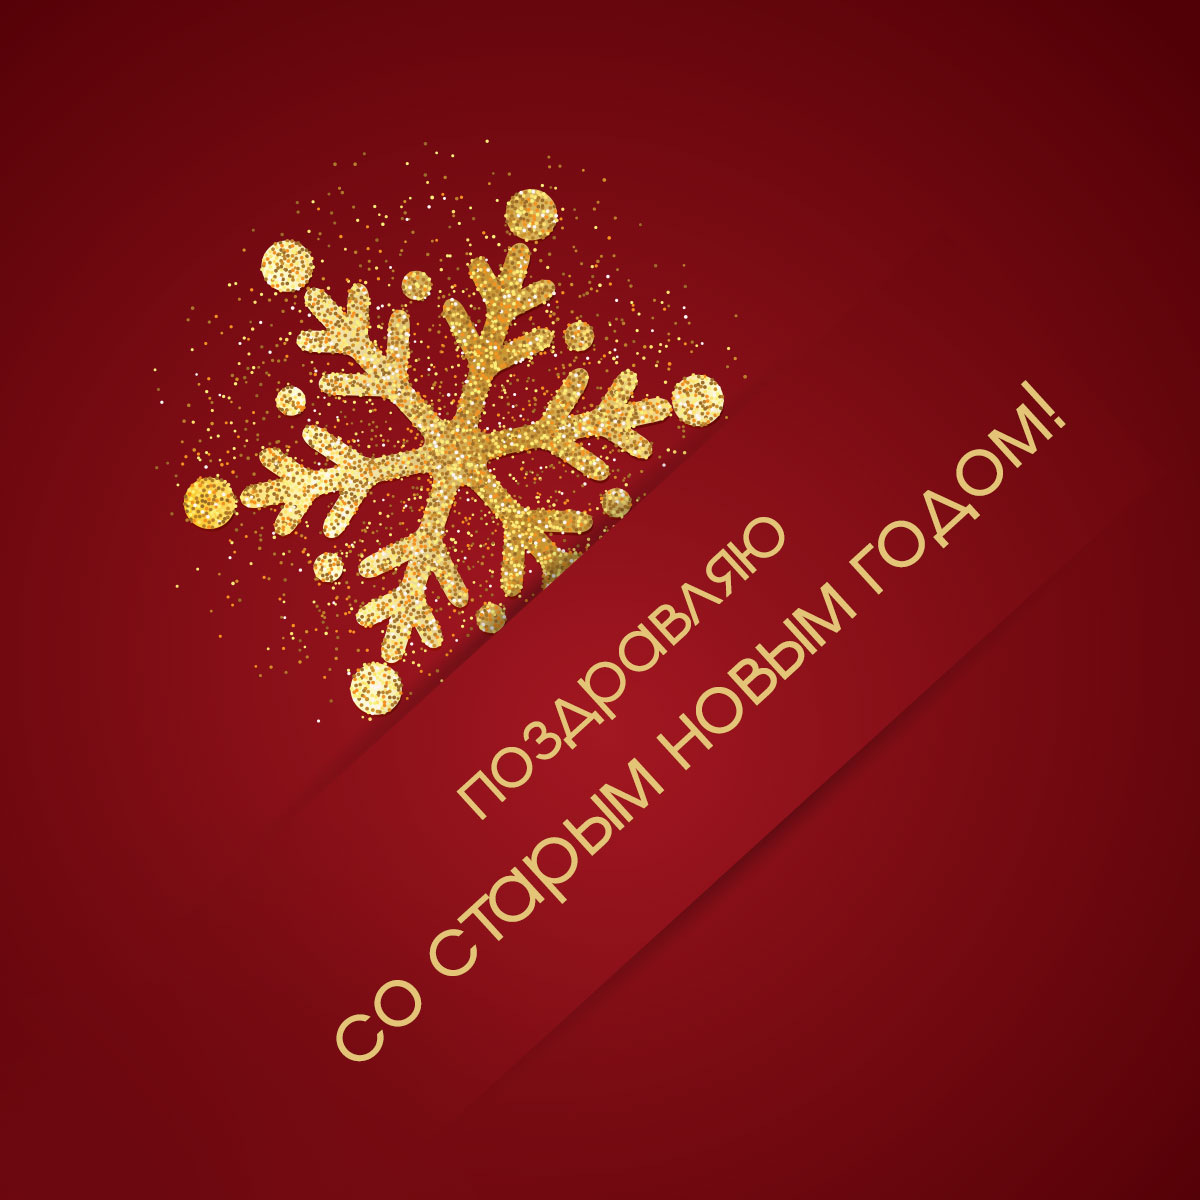 Картинка старый новый год с текстом поздравления и снежинкой золотым шрифтом на красном фоне.